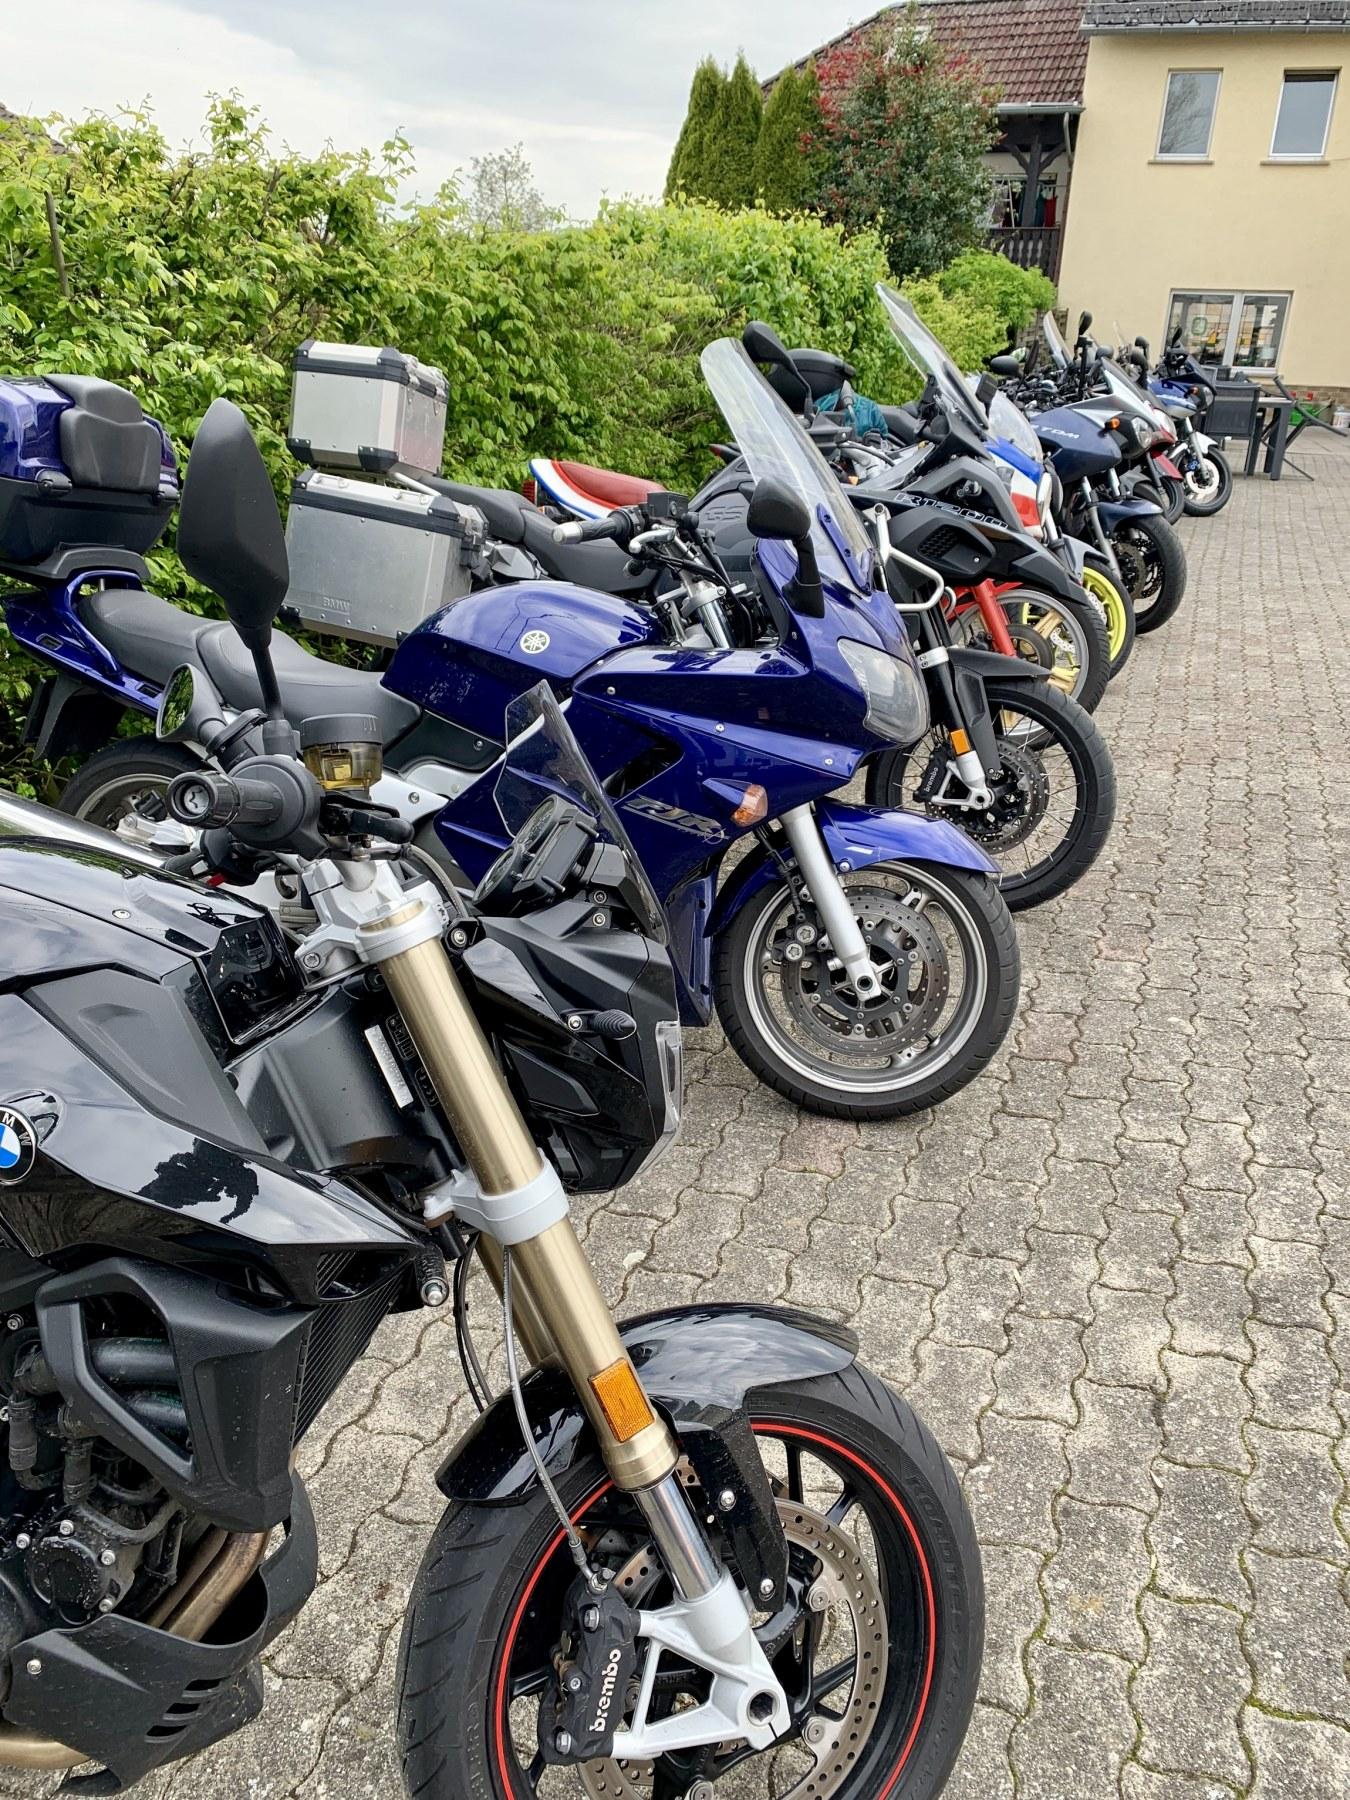 Ferienhaussalm Motoren